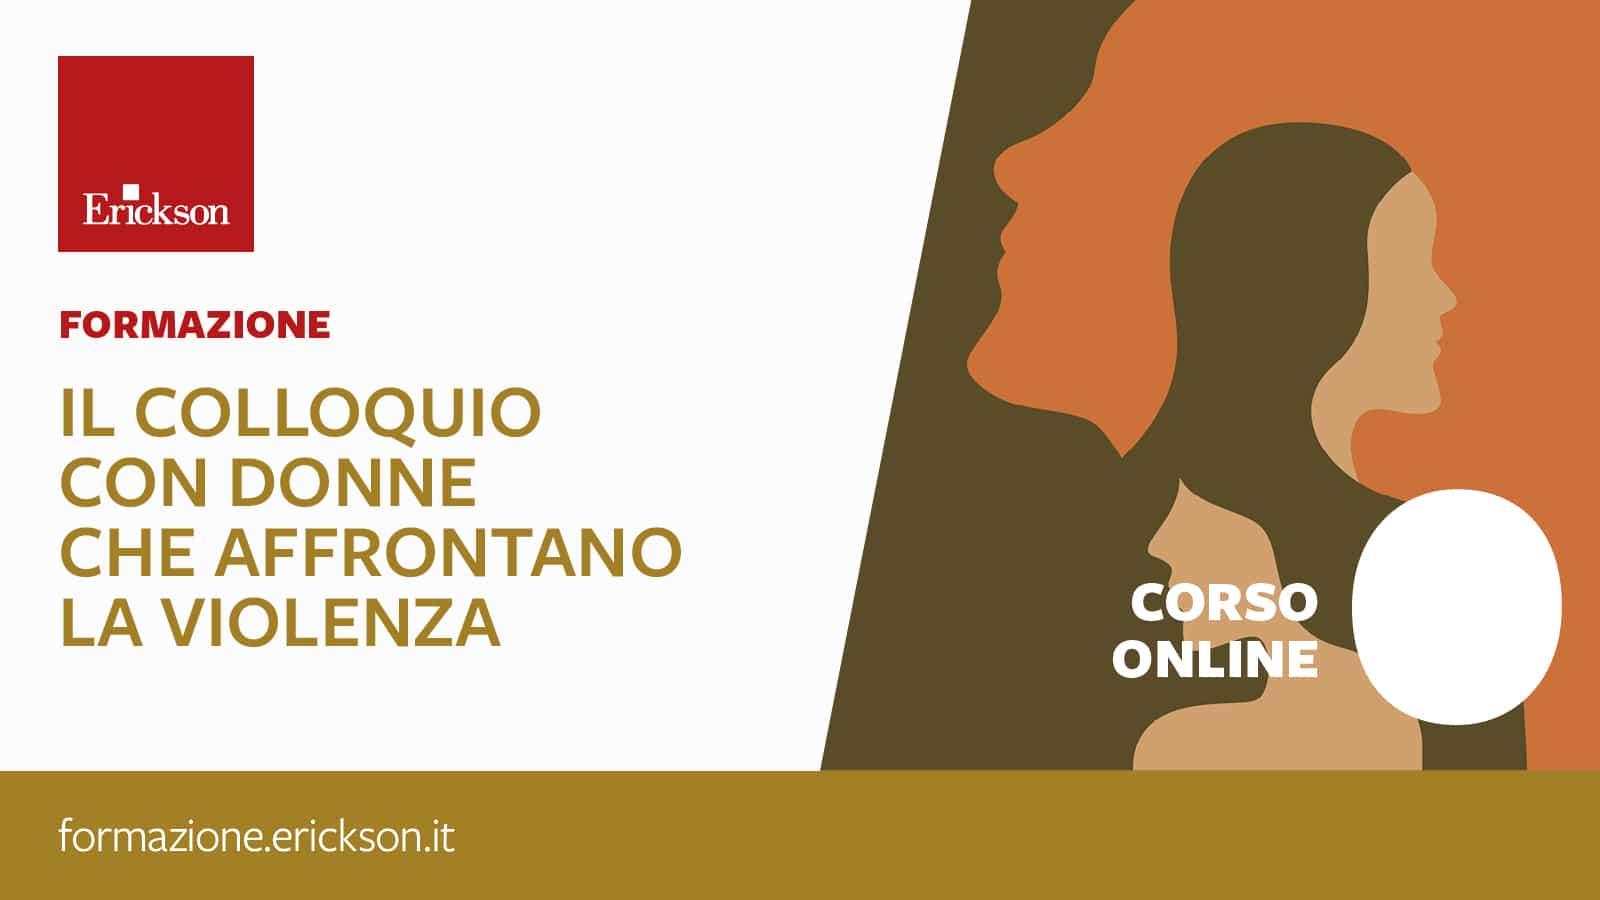 1600x900_IL_COLLOQUIO_CON_DONNE_CHE_AFFRONTANO_LA_VIOLENZA